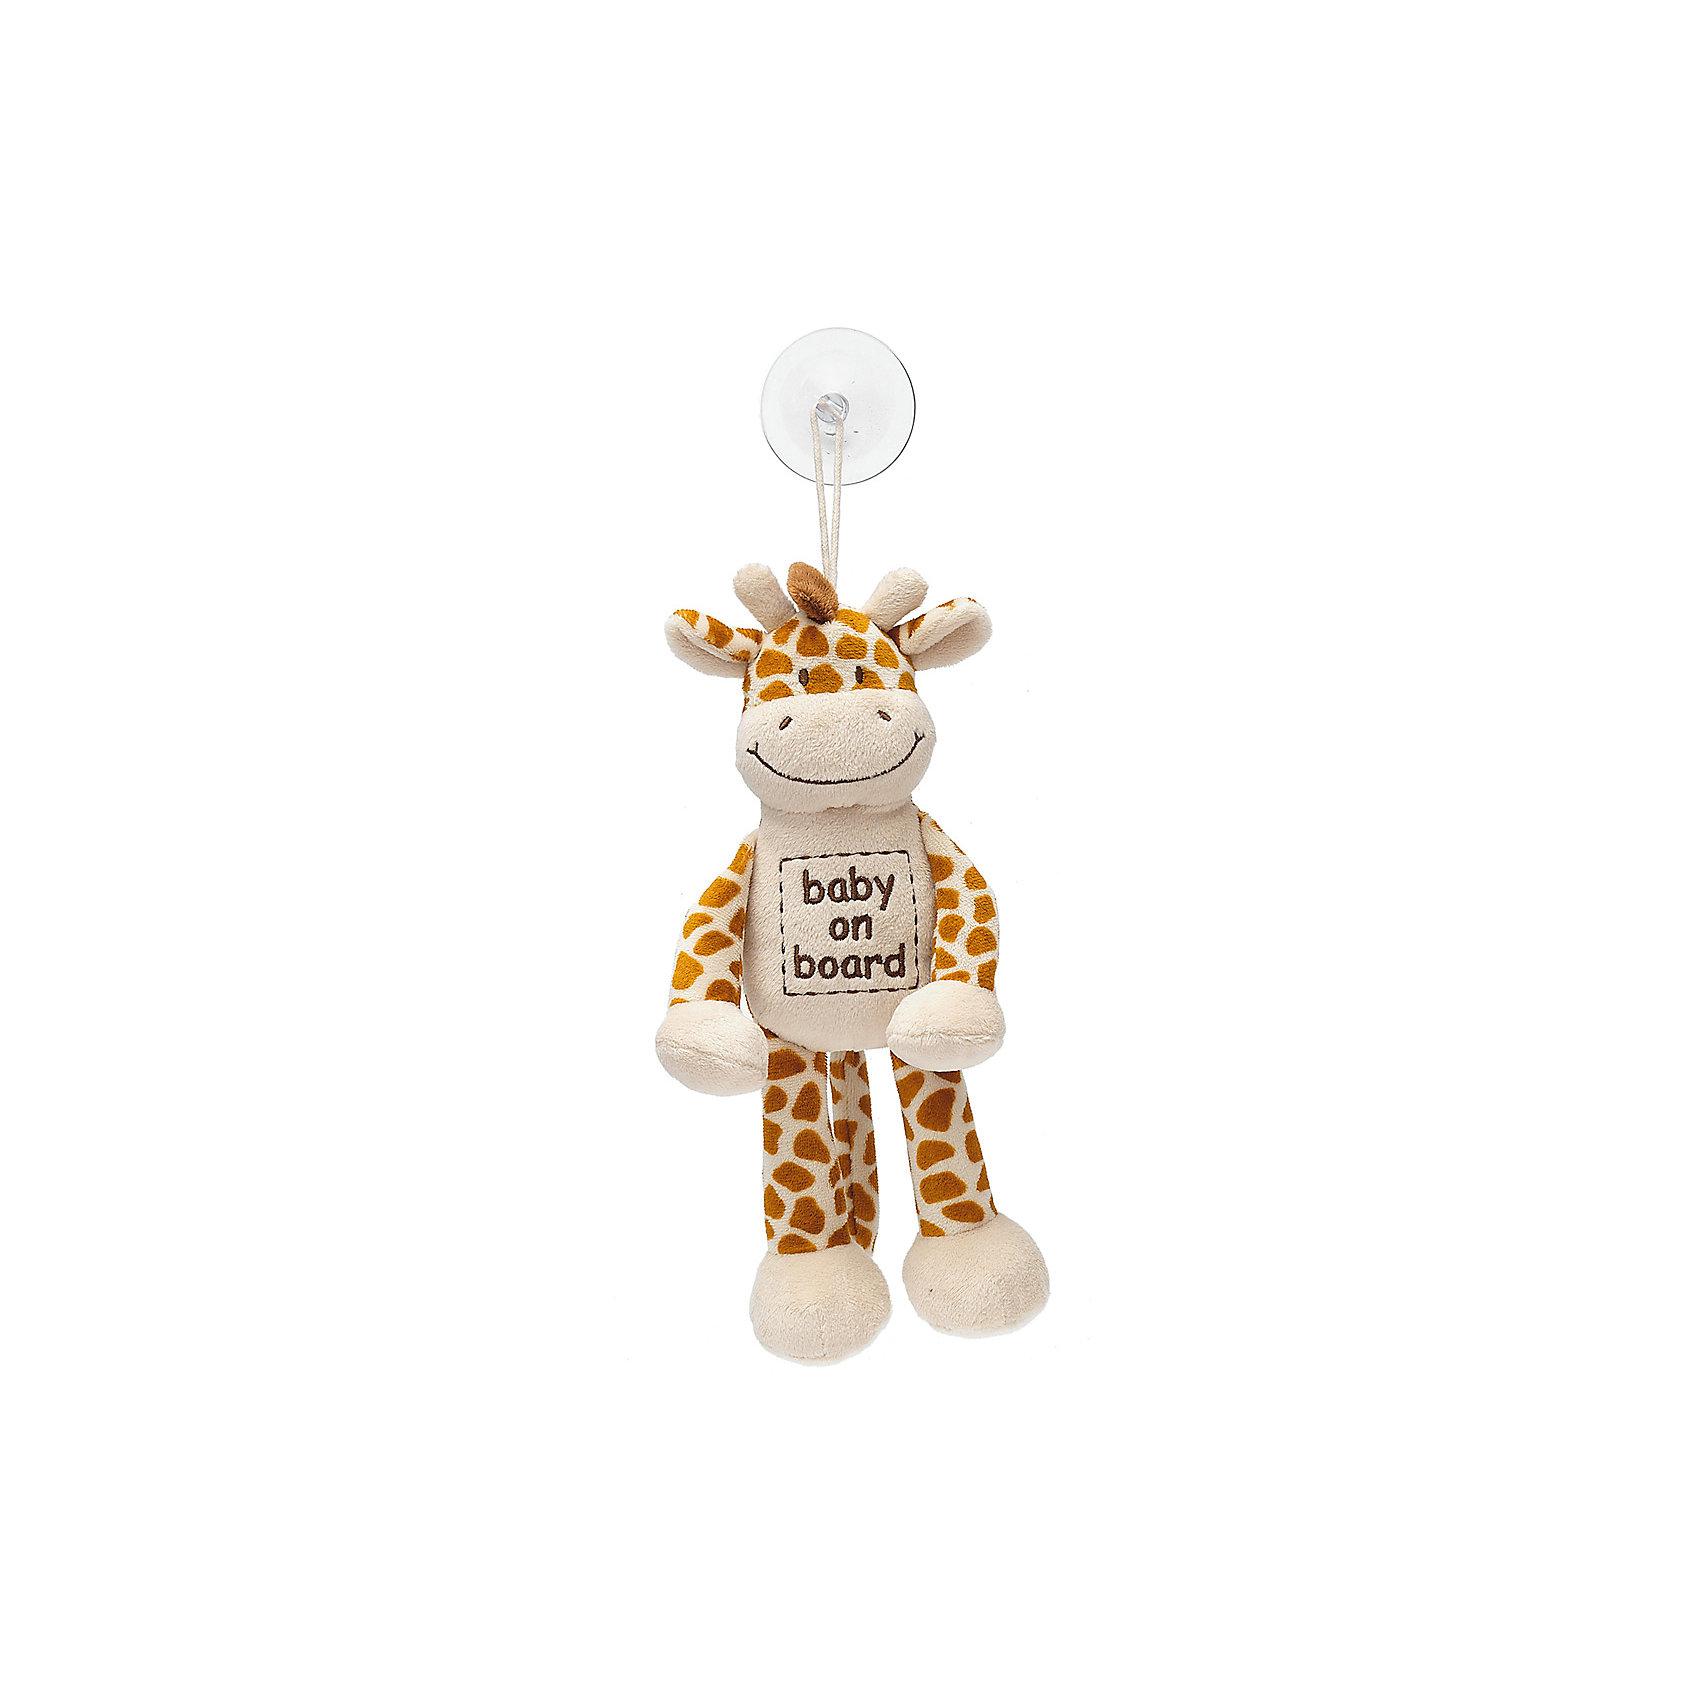 Знак Ребенок в машине Жираф, ДинглисарАксессуары<br>Характеристики мягкой игрушки Teddykompaniet: <br><br>• размер игрушки: 24 см;<br>• материал: 100% хлопок (безворсовый велюр);<br>• надпись: baby on board;<br>• серия: Динглисар;<br>• тип крепления: присоска.<br><br>Игрушка-знак «Жираф» символизирует водителям: ребенок в машине. Мягкая игрушка-подвеска крепится к стеклу автомобиля с помощью присоски. Игрушка выполнена из гипоаллергенного материала, внутри мягкий наполнитель. <br><br>Знак Ребенок в машине Жираф, Динглисар можно купить в нашем интернет-магазине.<br><br>Ширина мм: 50<br>Глубина мм: 100<br>Высота мм: 100<br>Вес г: 20<br>Возраст от месяцев: 0<br>Возраст до месяцев: 12<br>Пол: Унисекс<br>Возраст: Детский<br>SKU: 5219505